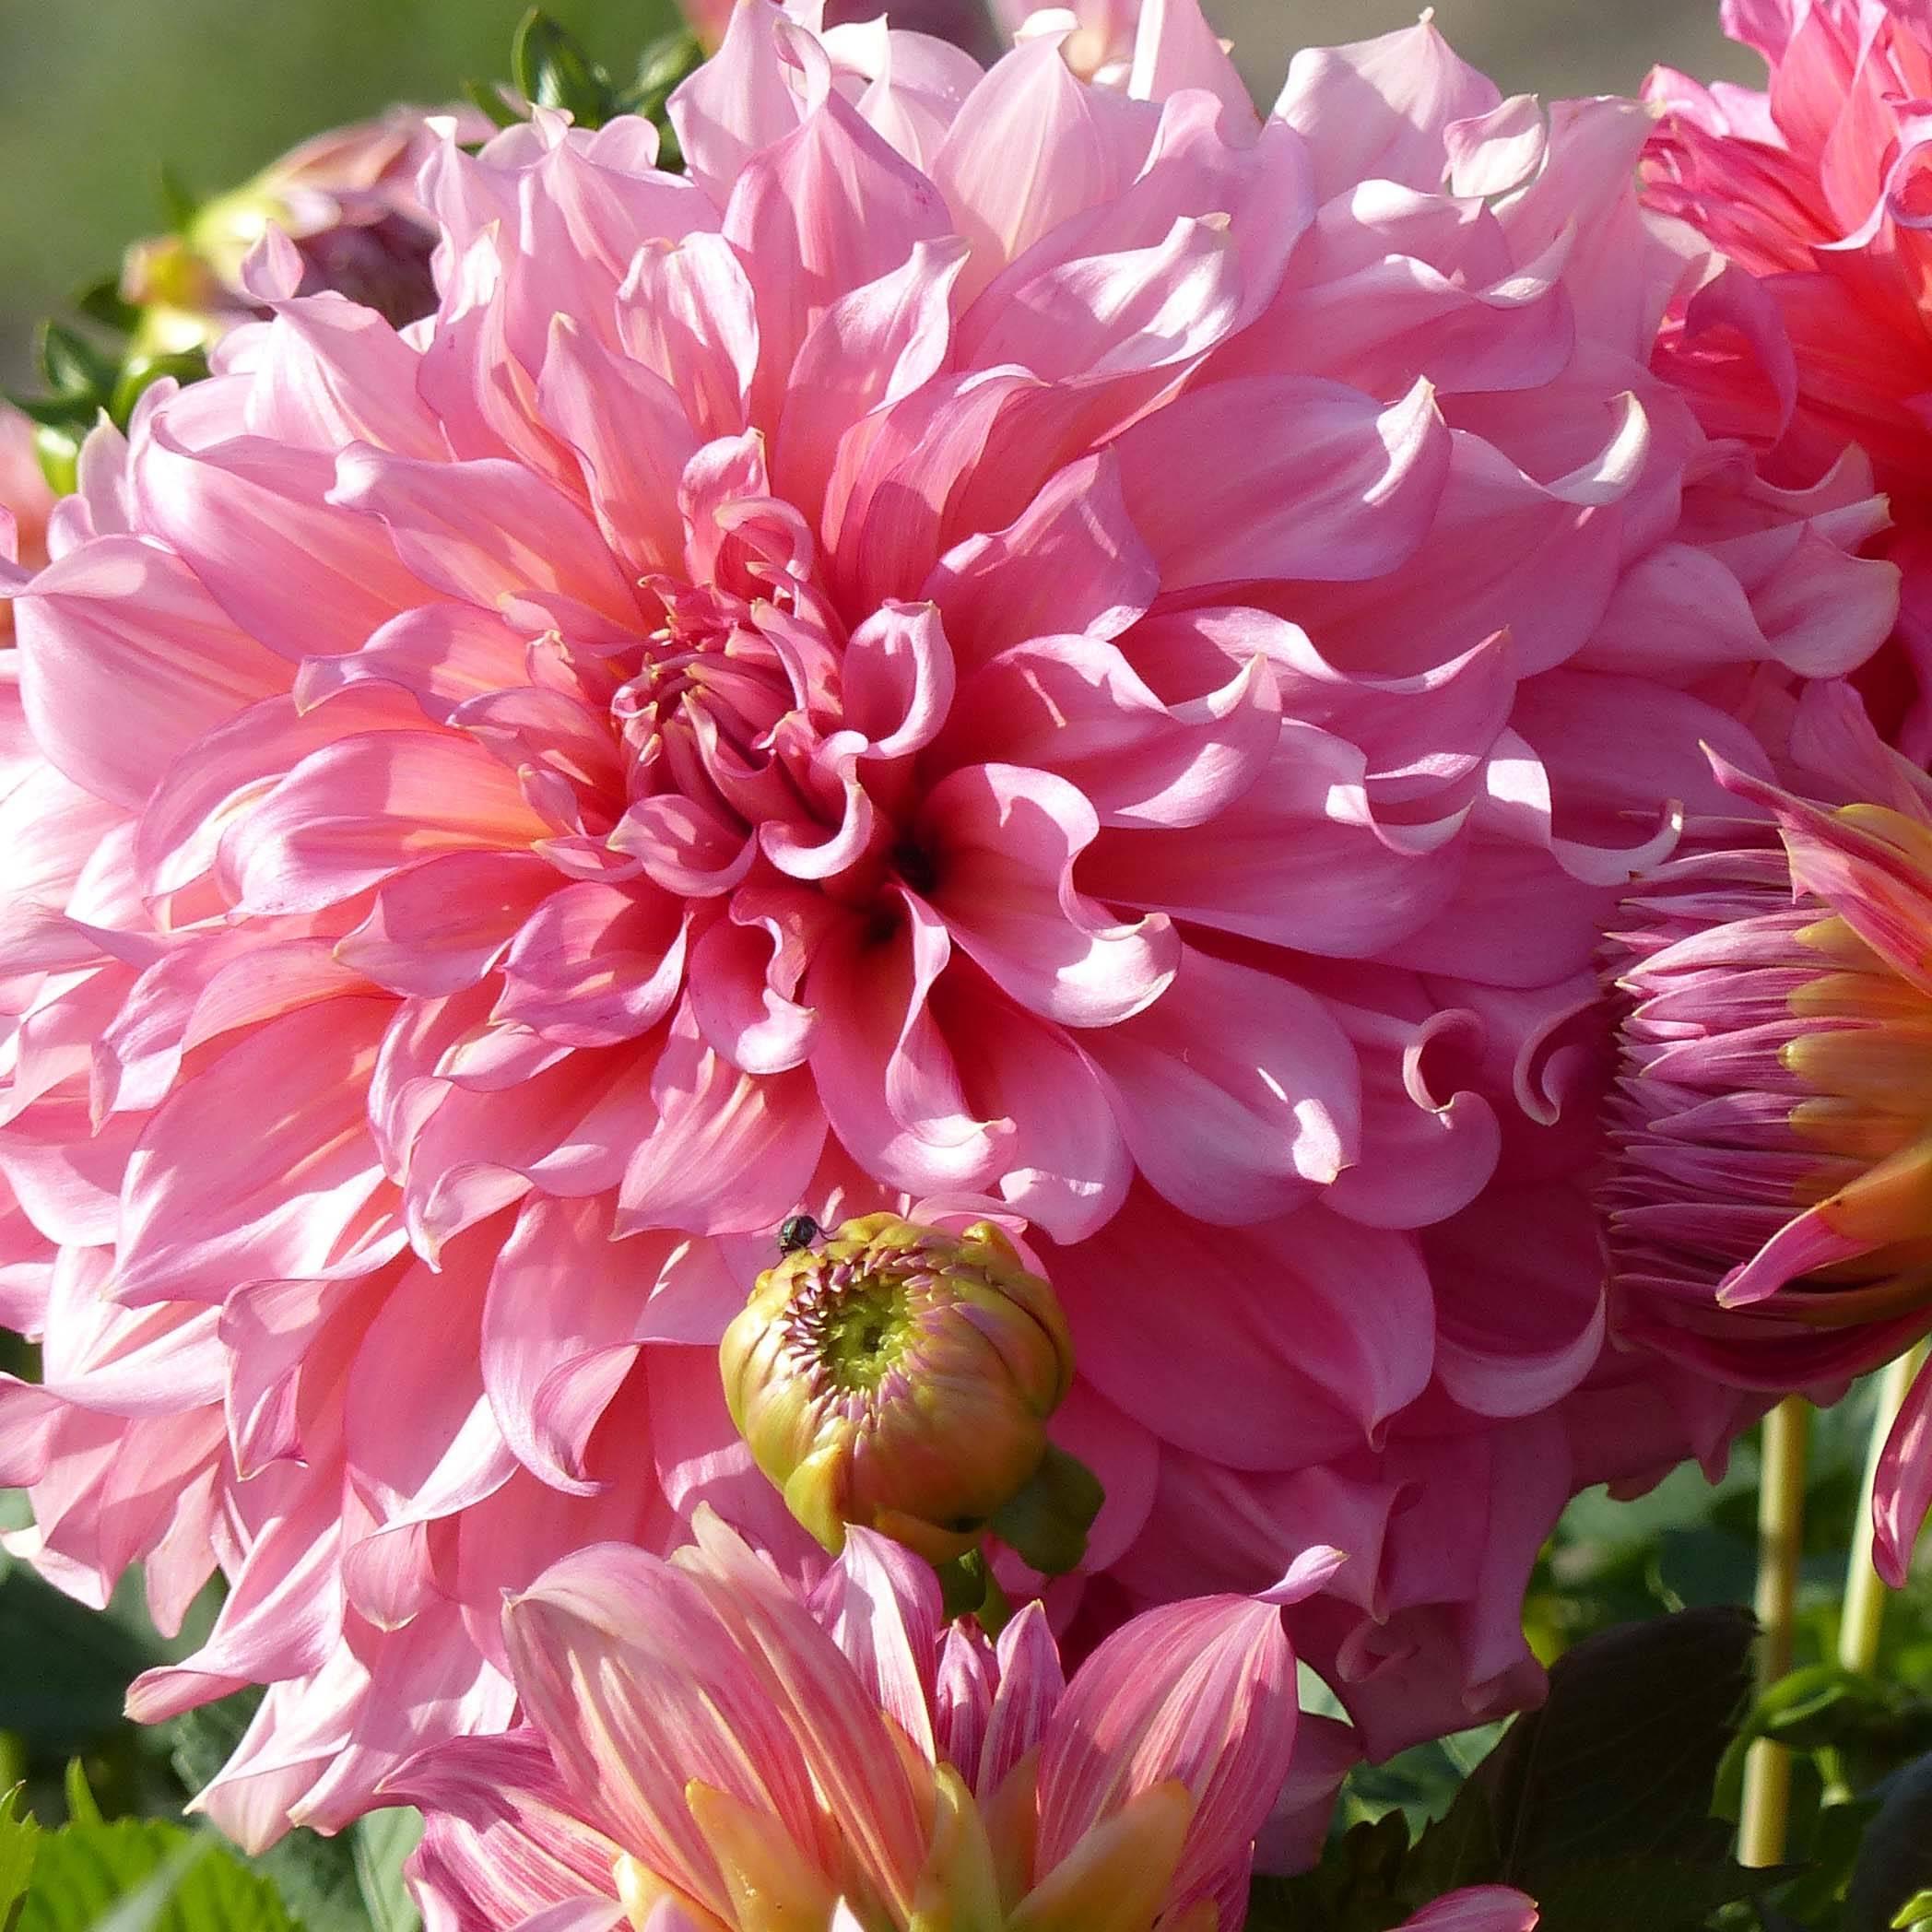 D couvrez les meilleurs dahlias g ants promesse de fleurs for Promesse de fleurs